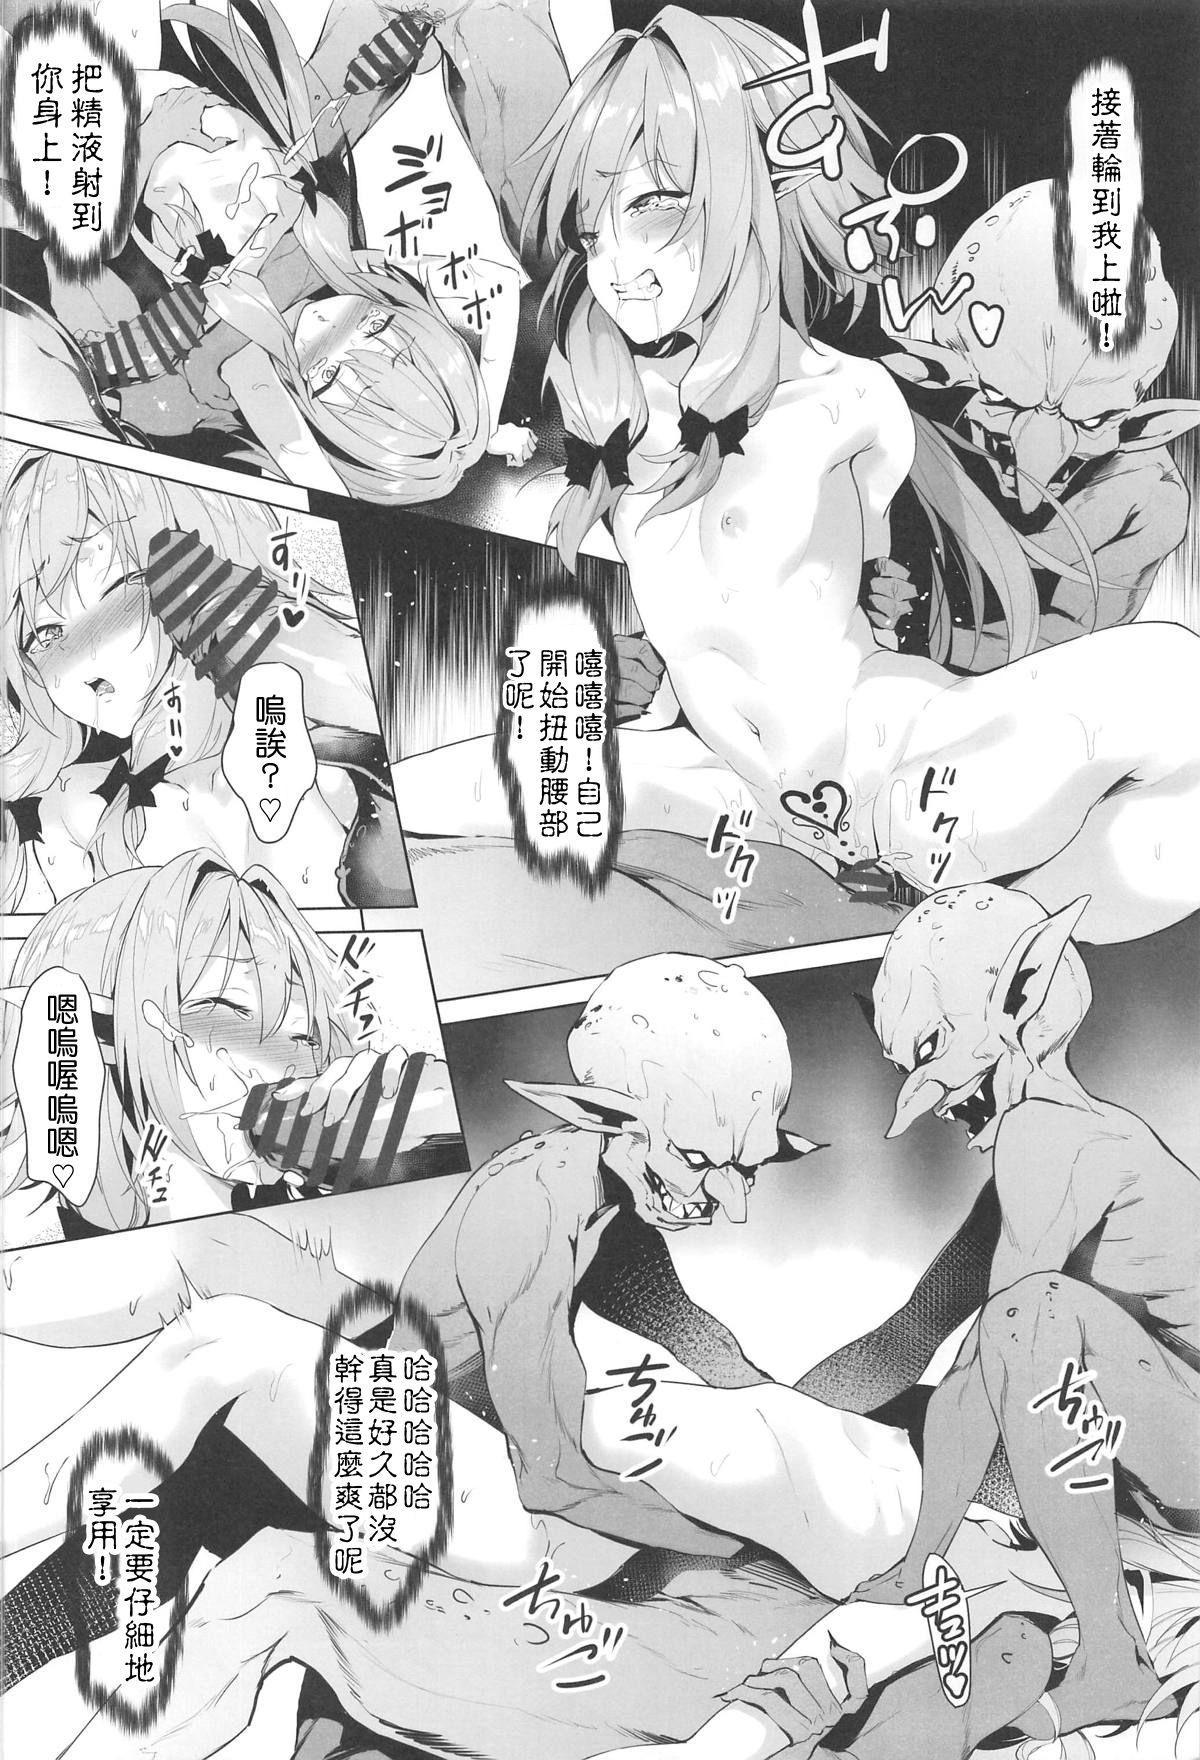 Moshi Onna Seirei ga Goblin ni Tsukamattara... 8